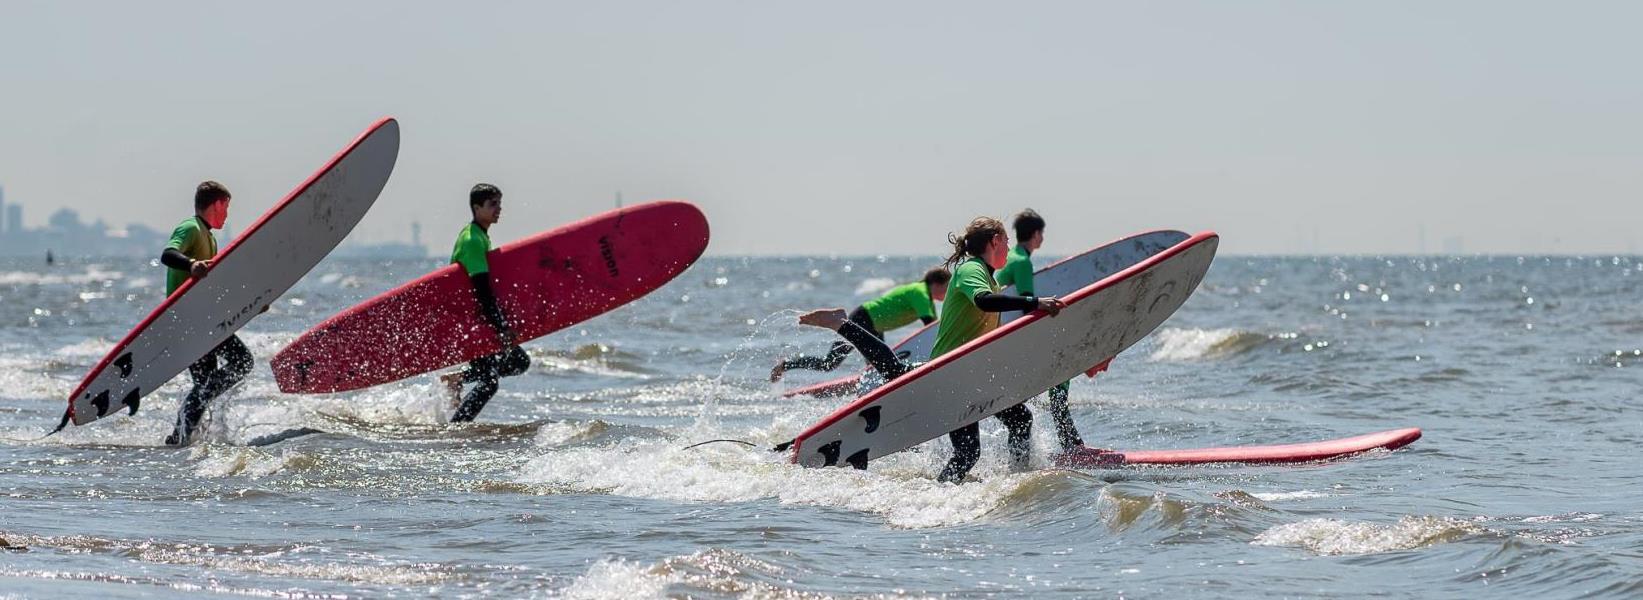 Wateractiviteiten in Katwijk bij Activiteiten aan Zee